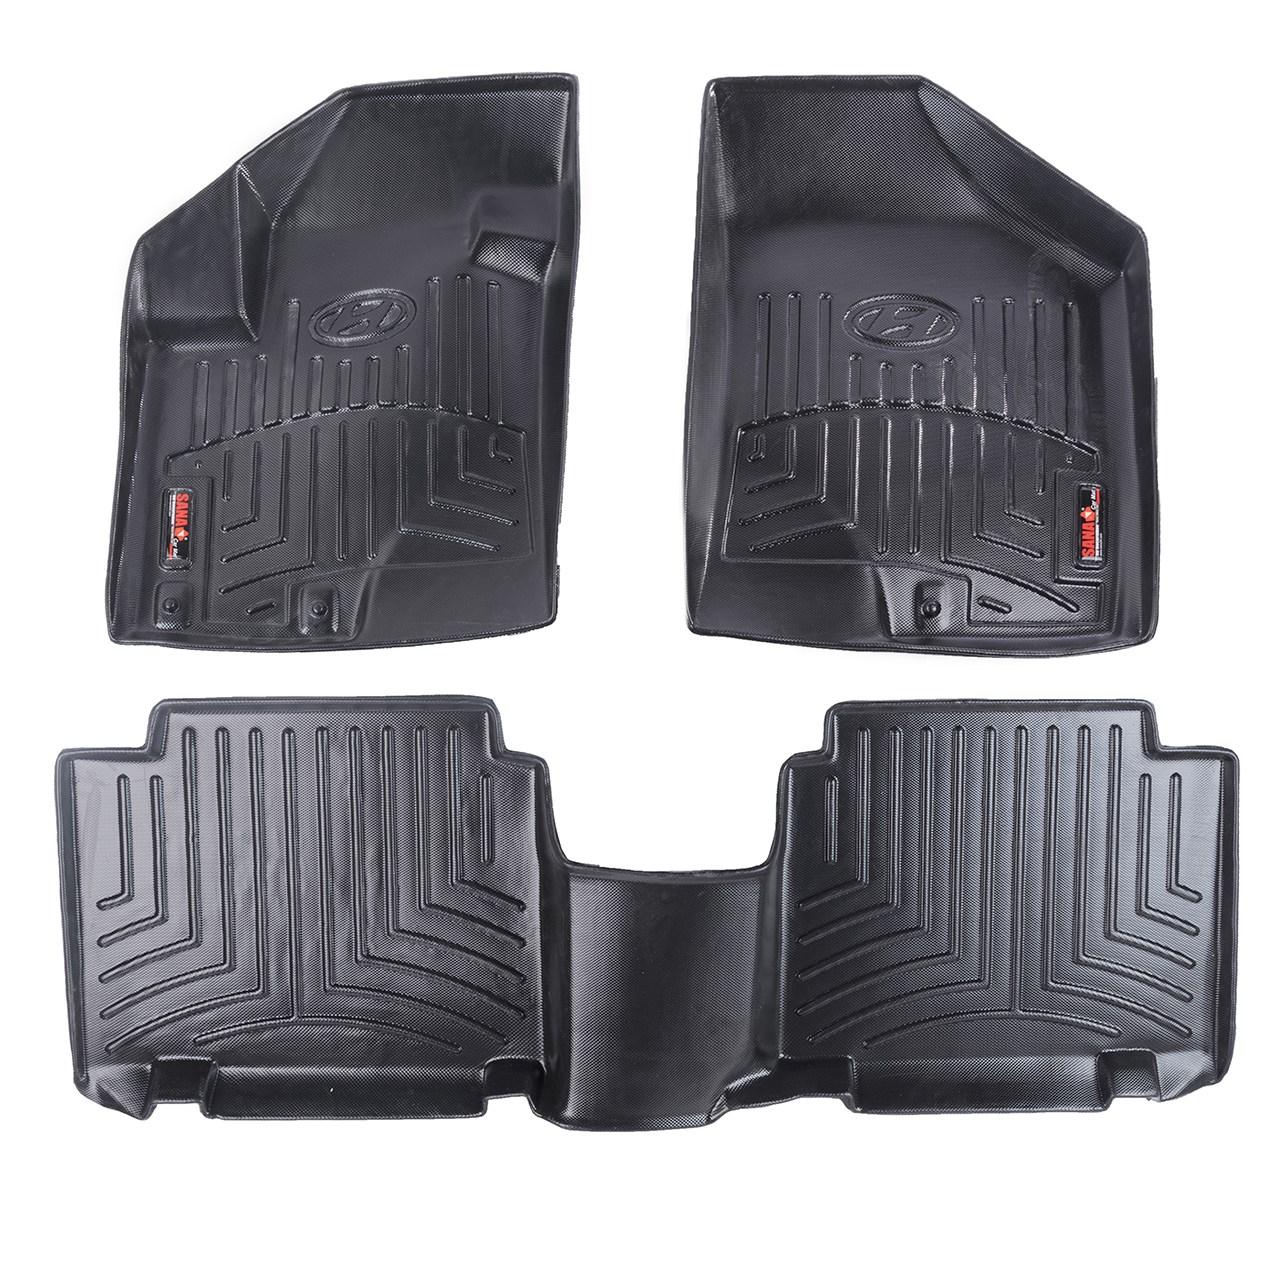 کفپوش سه بعدی خودرو سانا مناسب برای هیوندای ix55